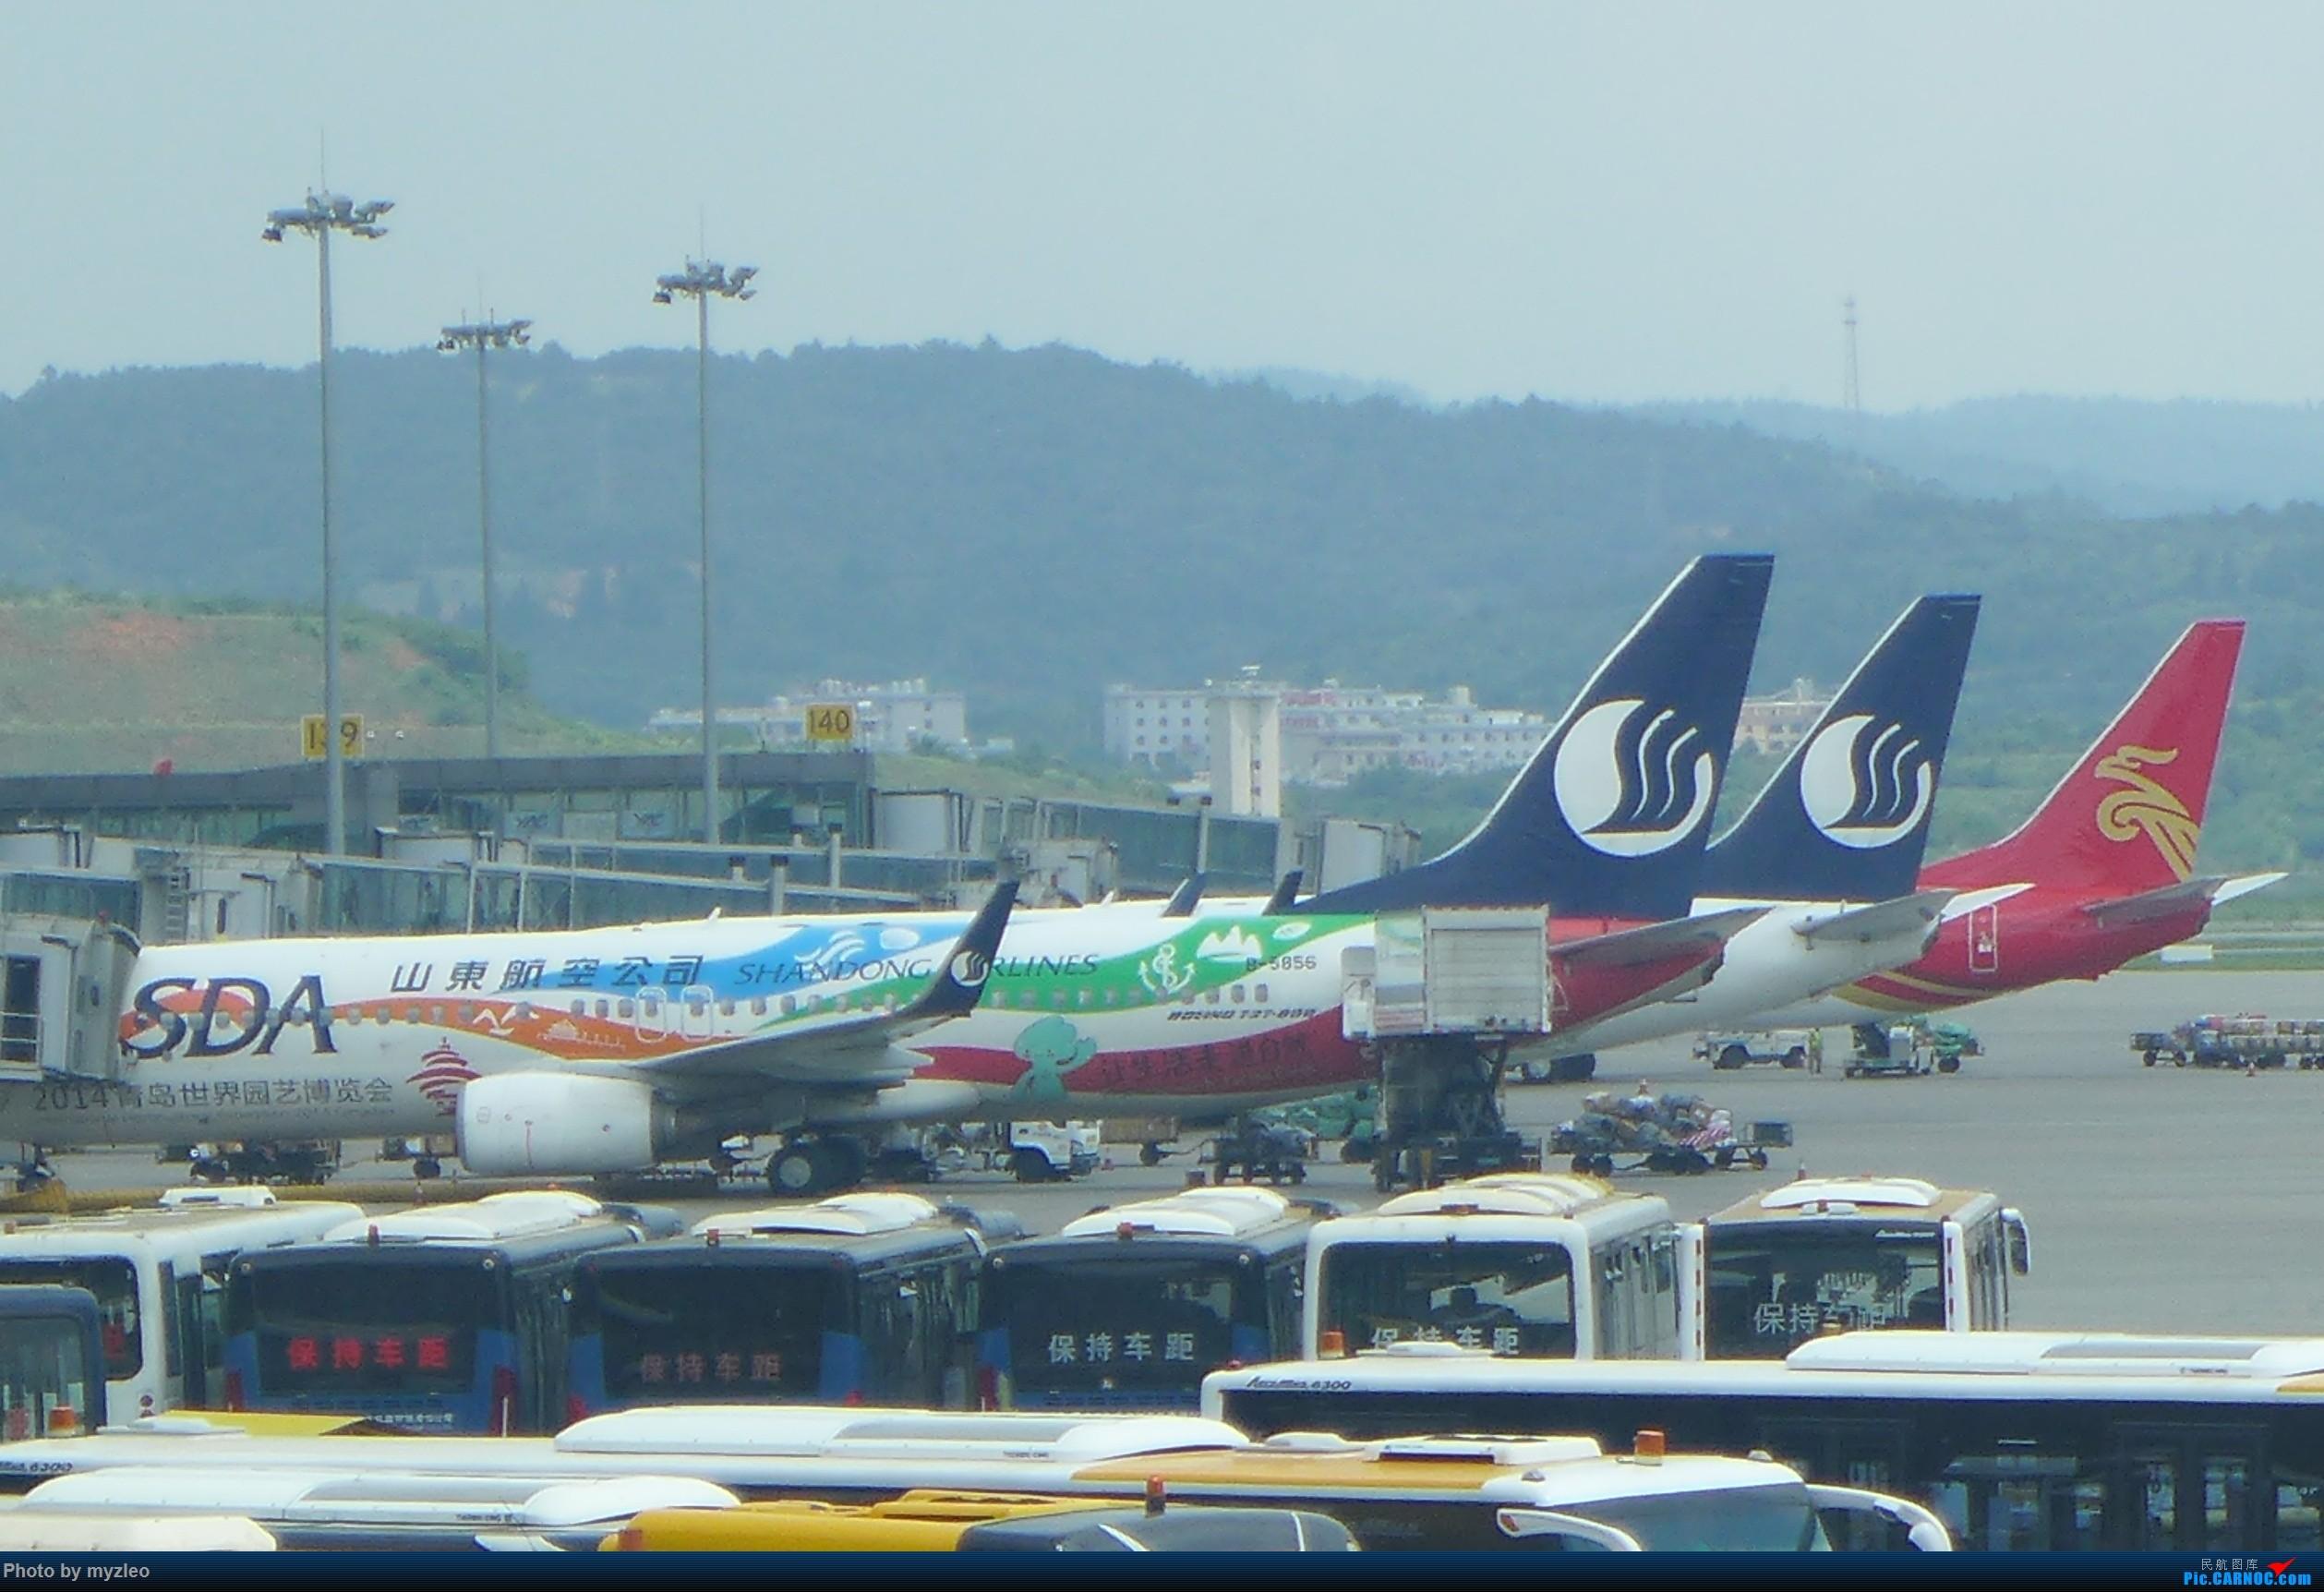 Re:[原创]【myzleo的游记2.1】昆洱风光(1)——SHA-KMG上航商务舱再体验+人在昆明 BOEING 737-800 B-5856 中国昆明长水国际机场